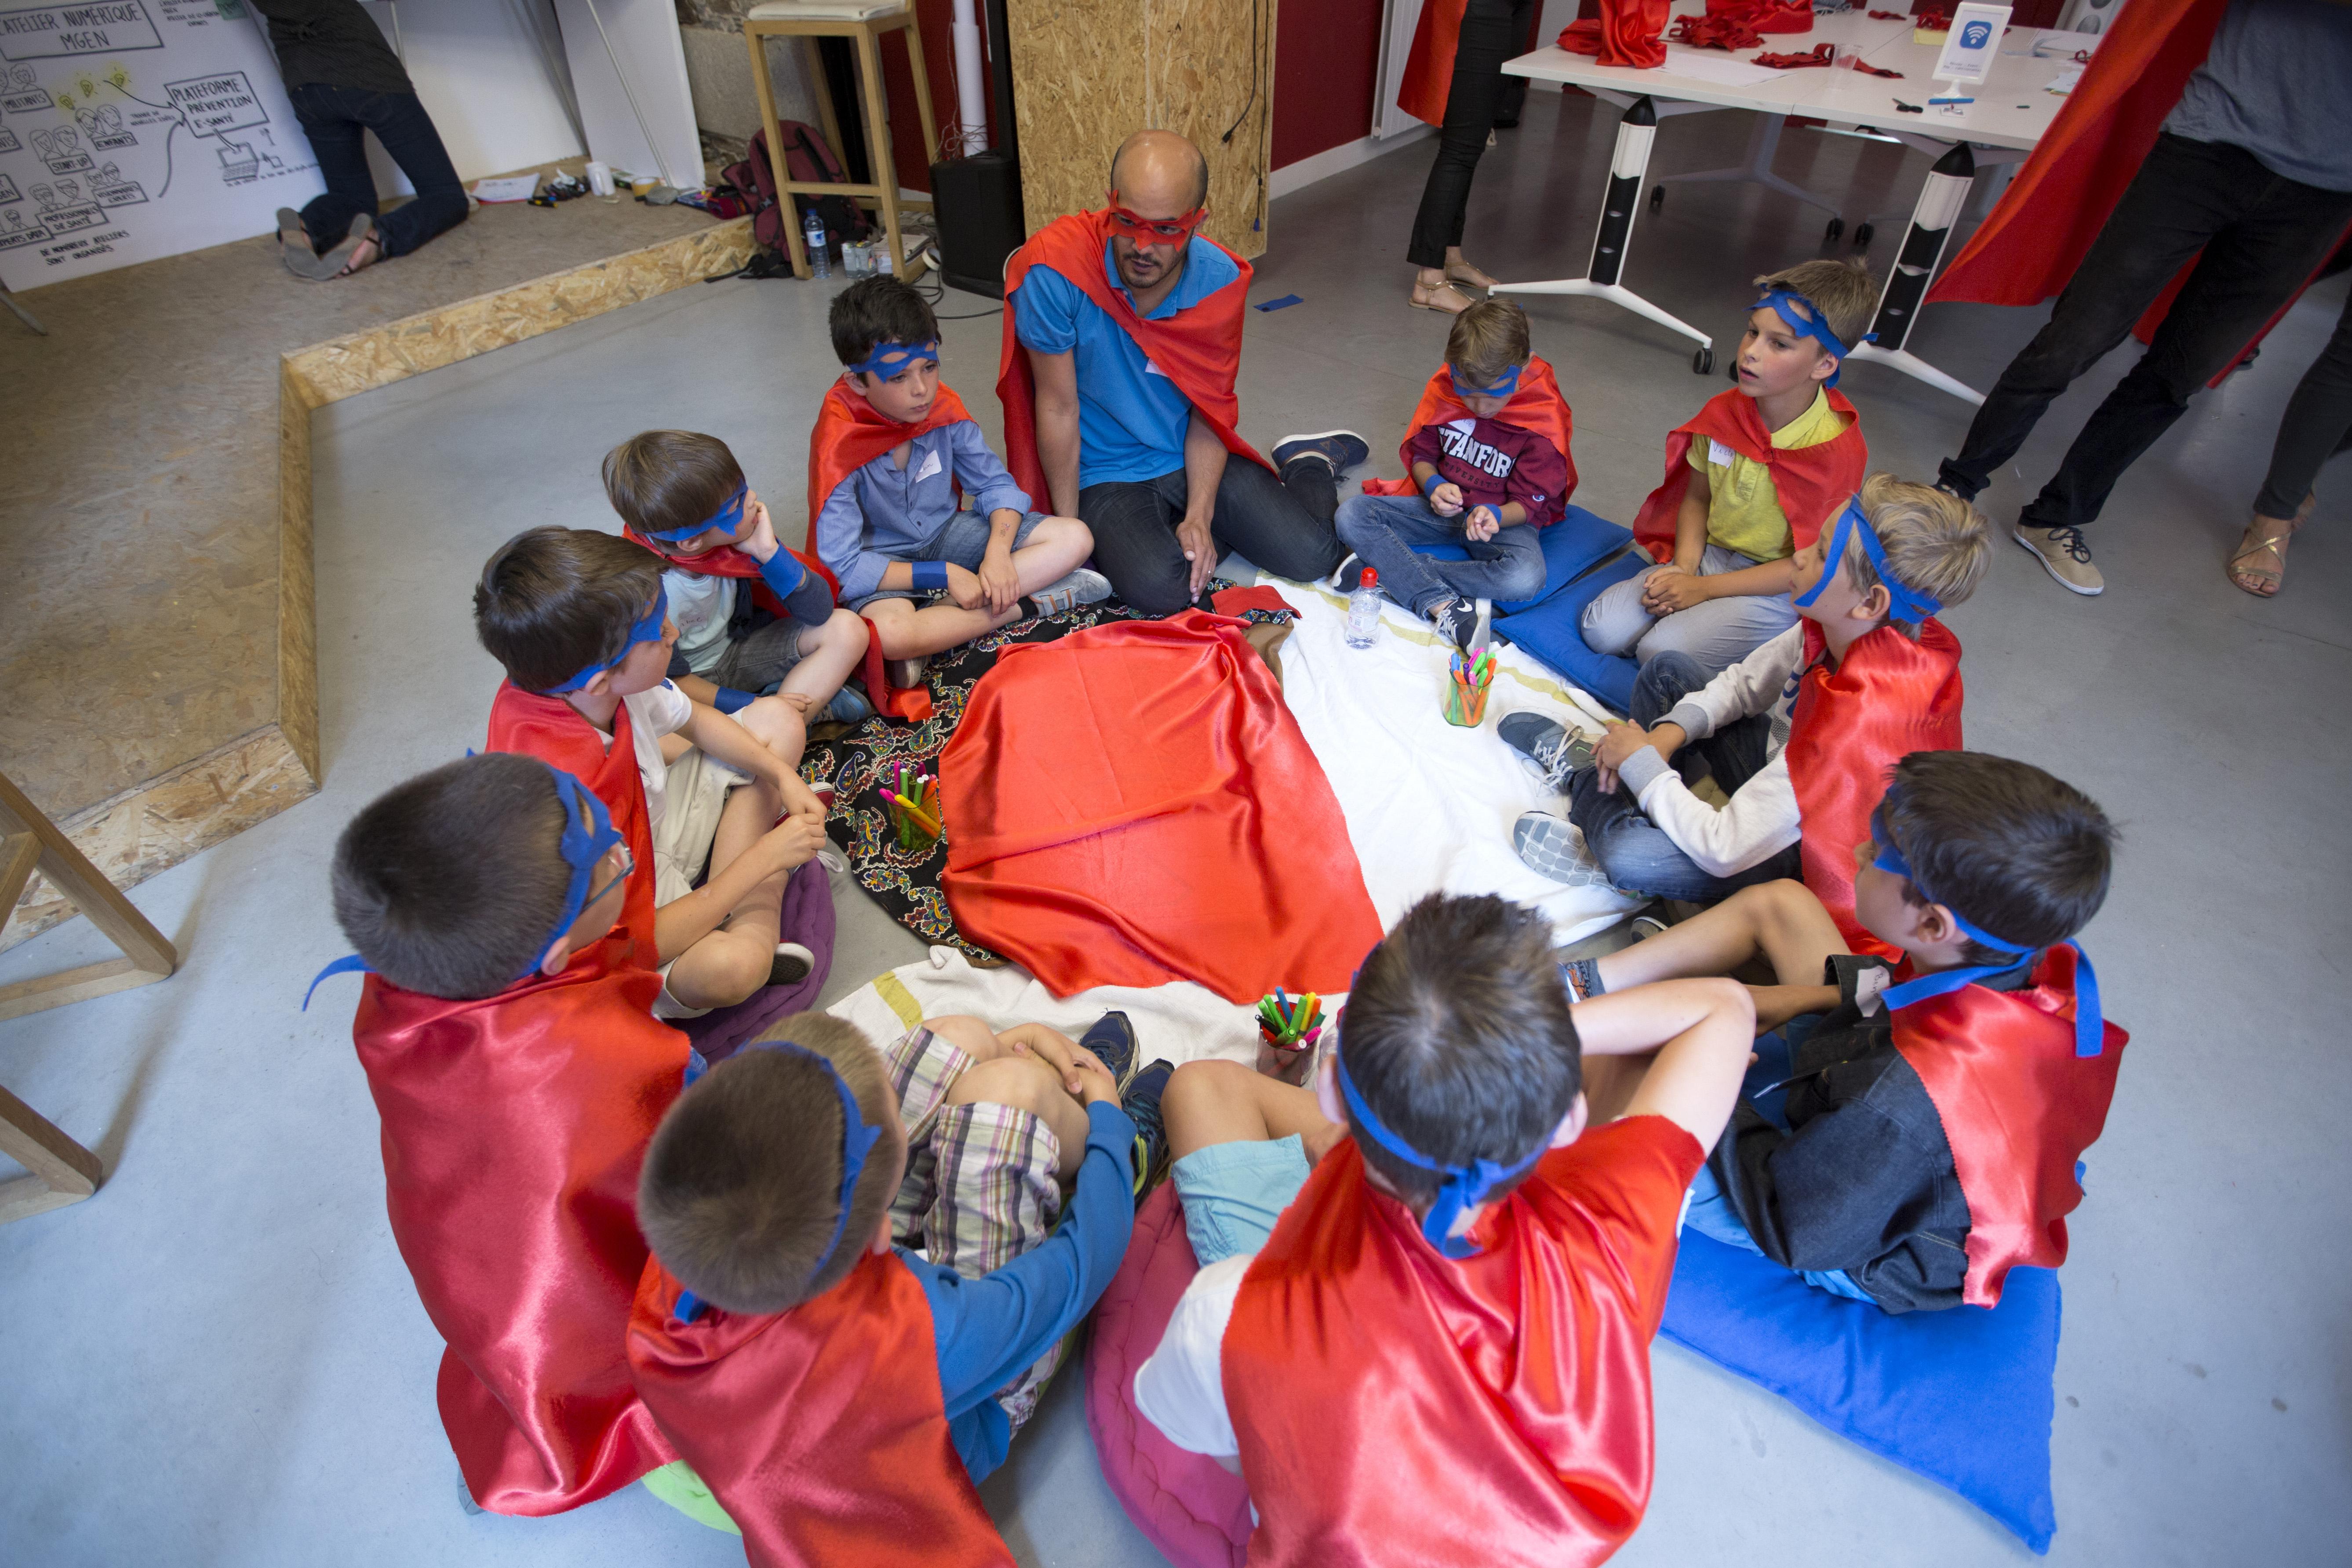 Les enfants autour d'un exercice prêt à être dévoilé lors de l'atelier numérique MGEN